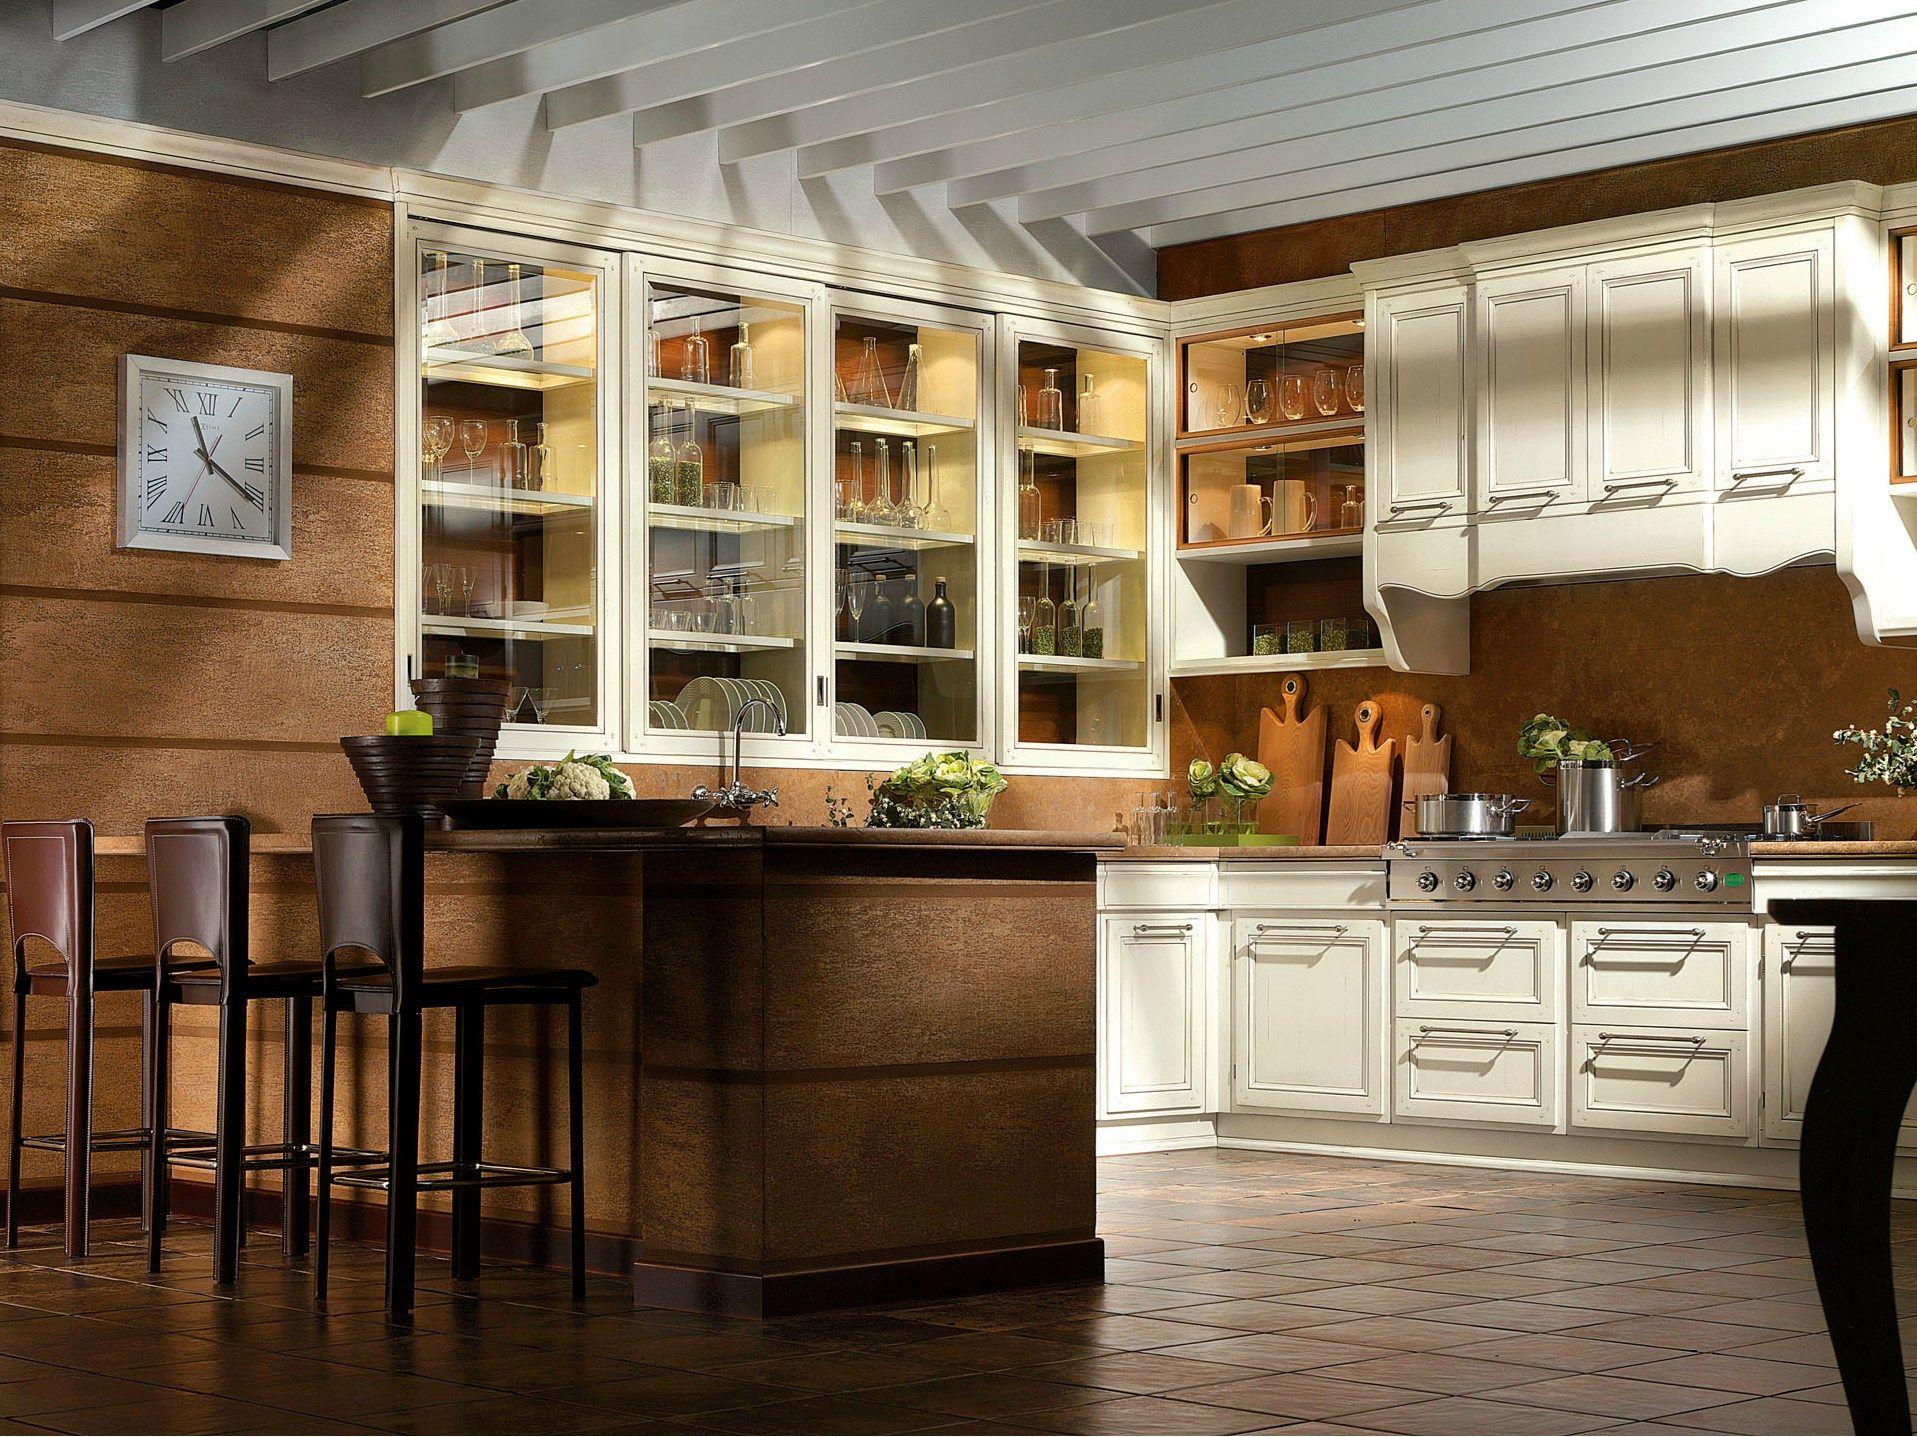 Cucina Classica Con Penisola Legno Massello Greta Cucina Laccata  #301F0F 1917 1437 Cucine Classiche A Basso Costo